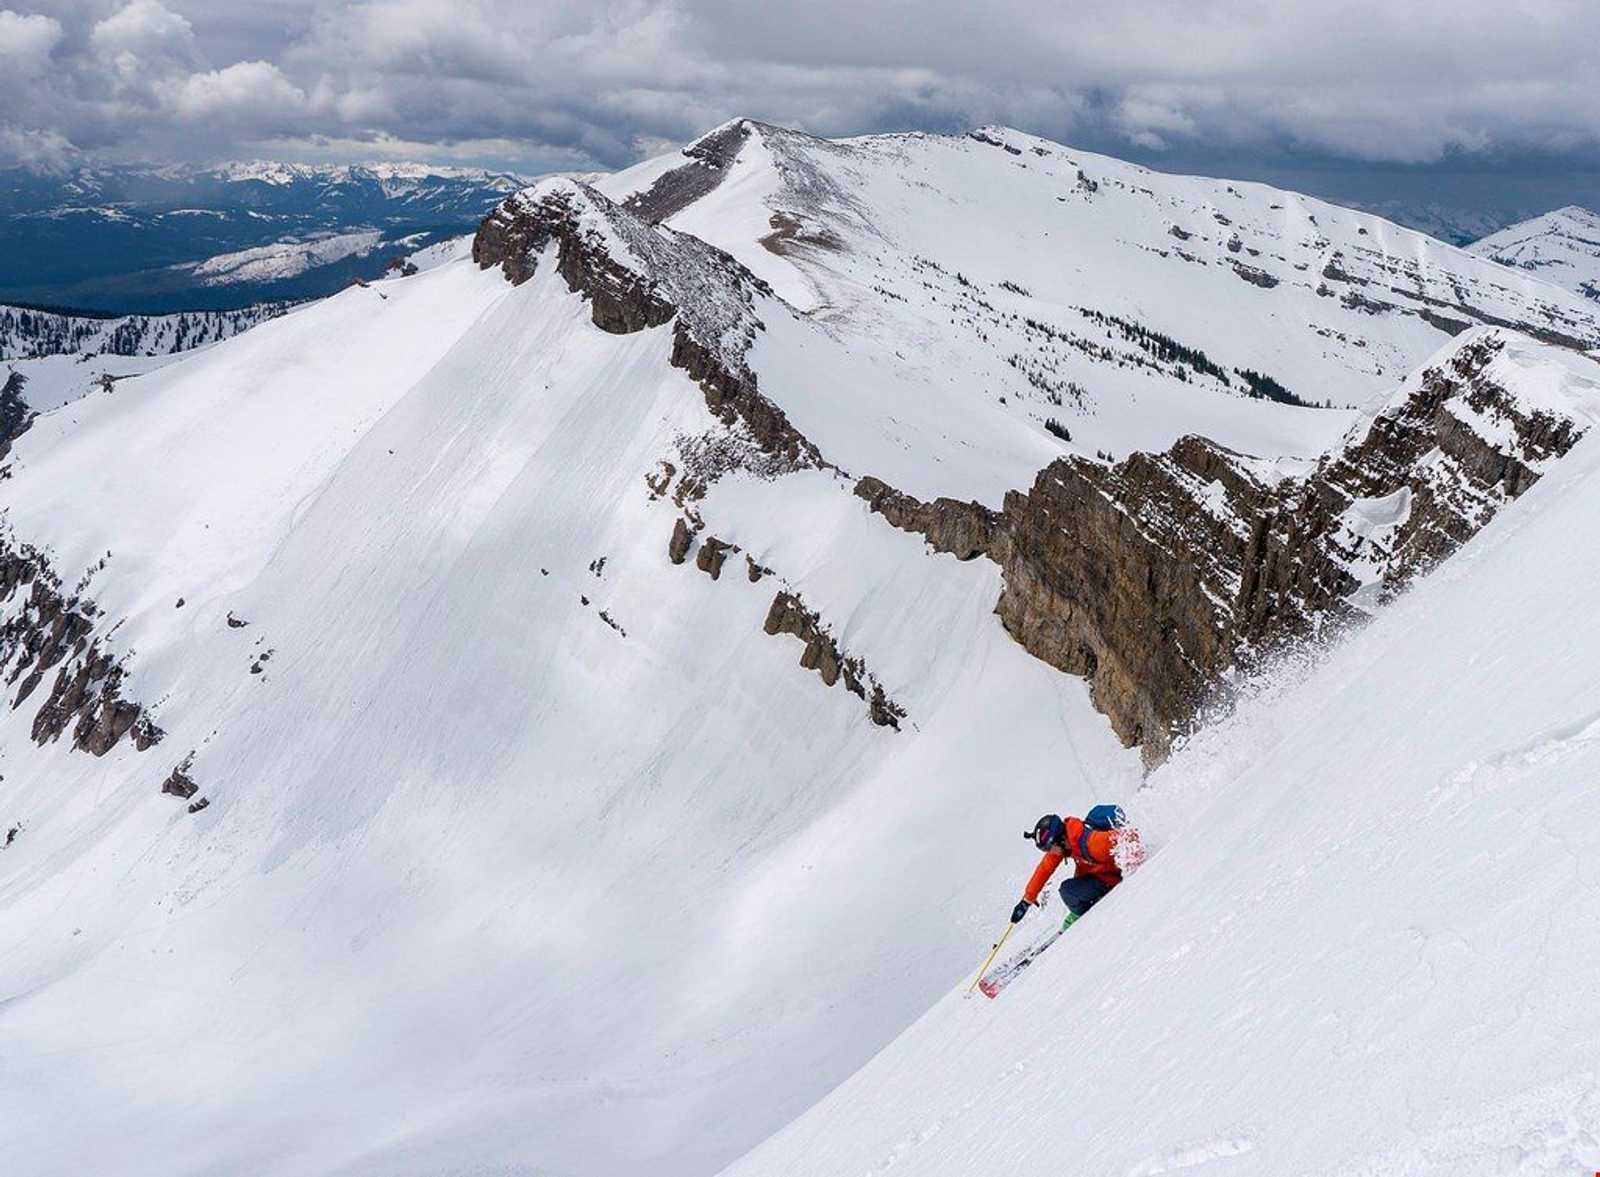 Skiing Jackson Hole